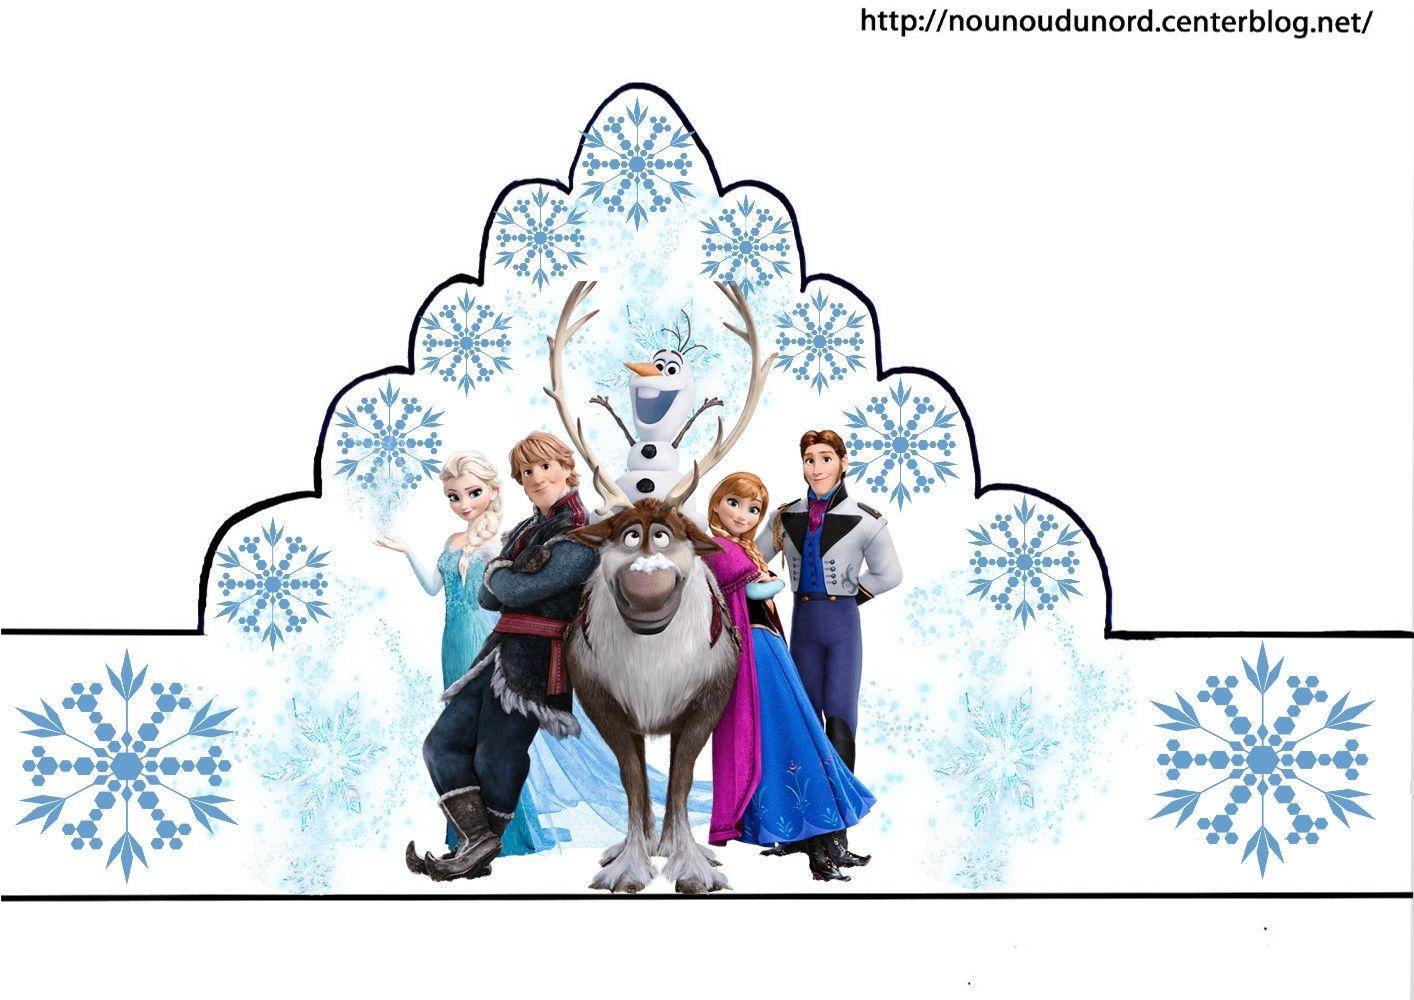 Piphanie voici mes couronnes reine des neiges cars - Imprimer reine des neiges ...